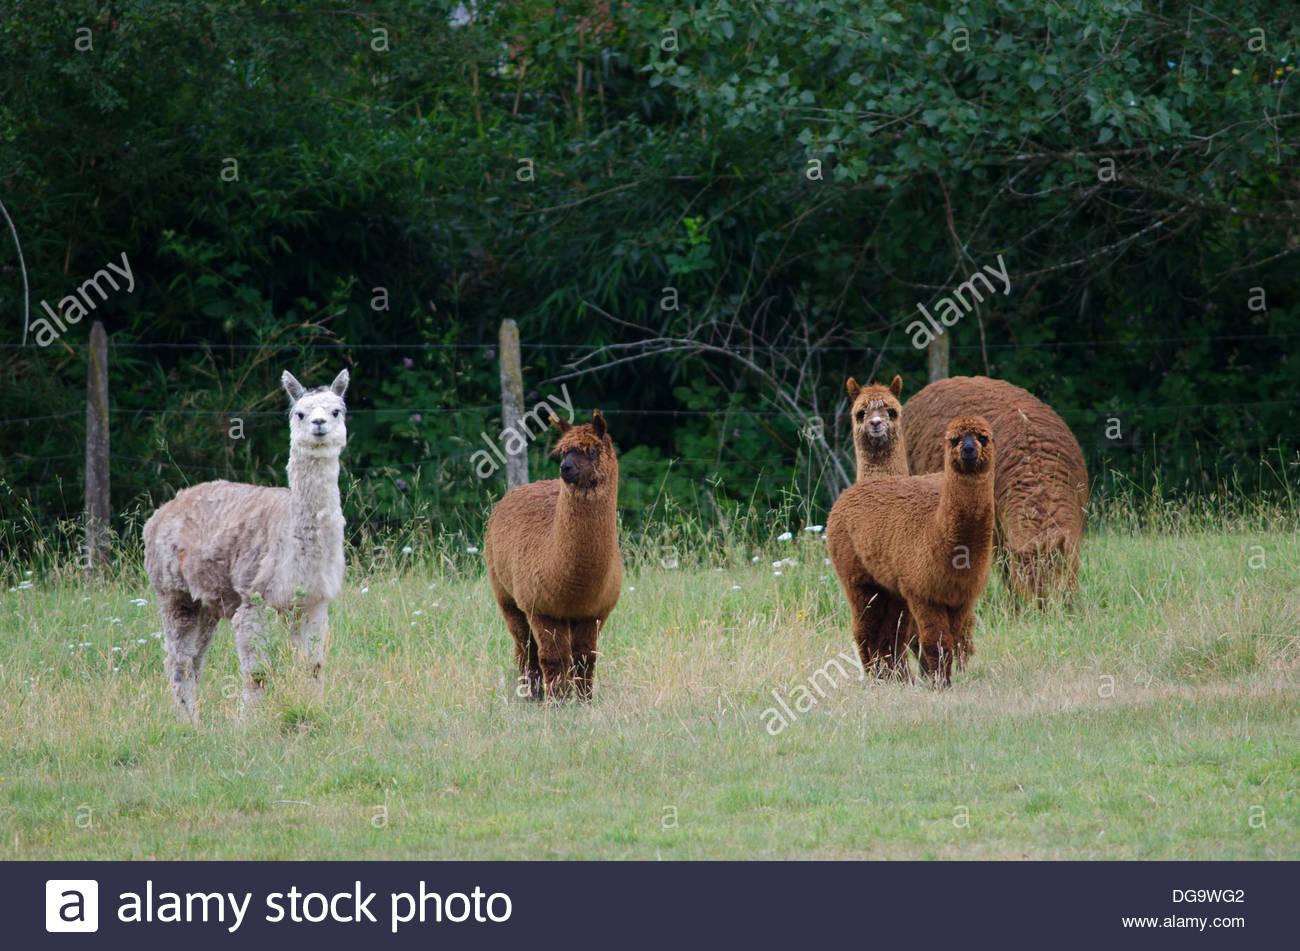 Alpacas (Lama pacos). - Stock Image